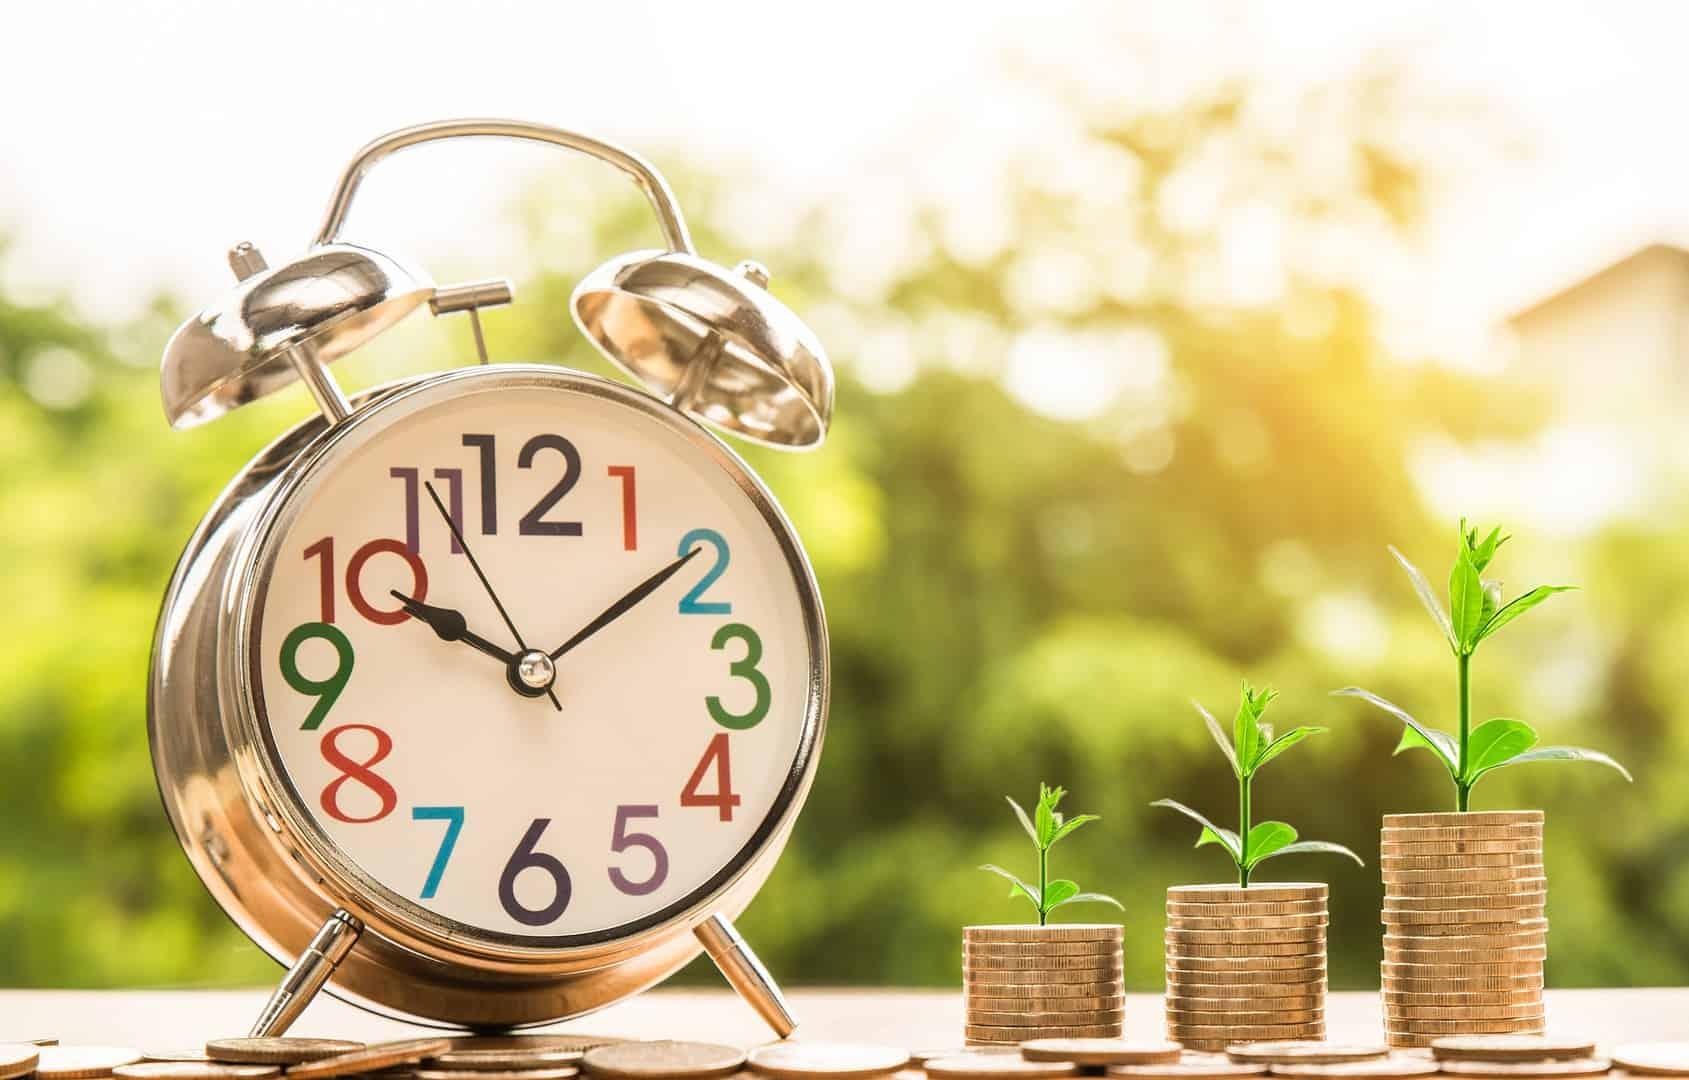 Pracownicze Plany Kapitałowe – dodatkowe fundusze na emeryturę